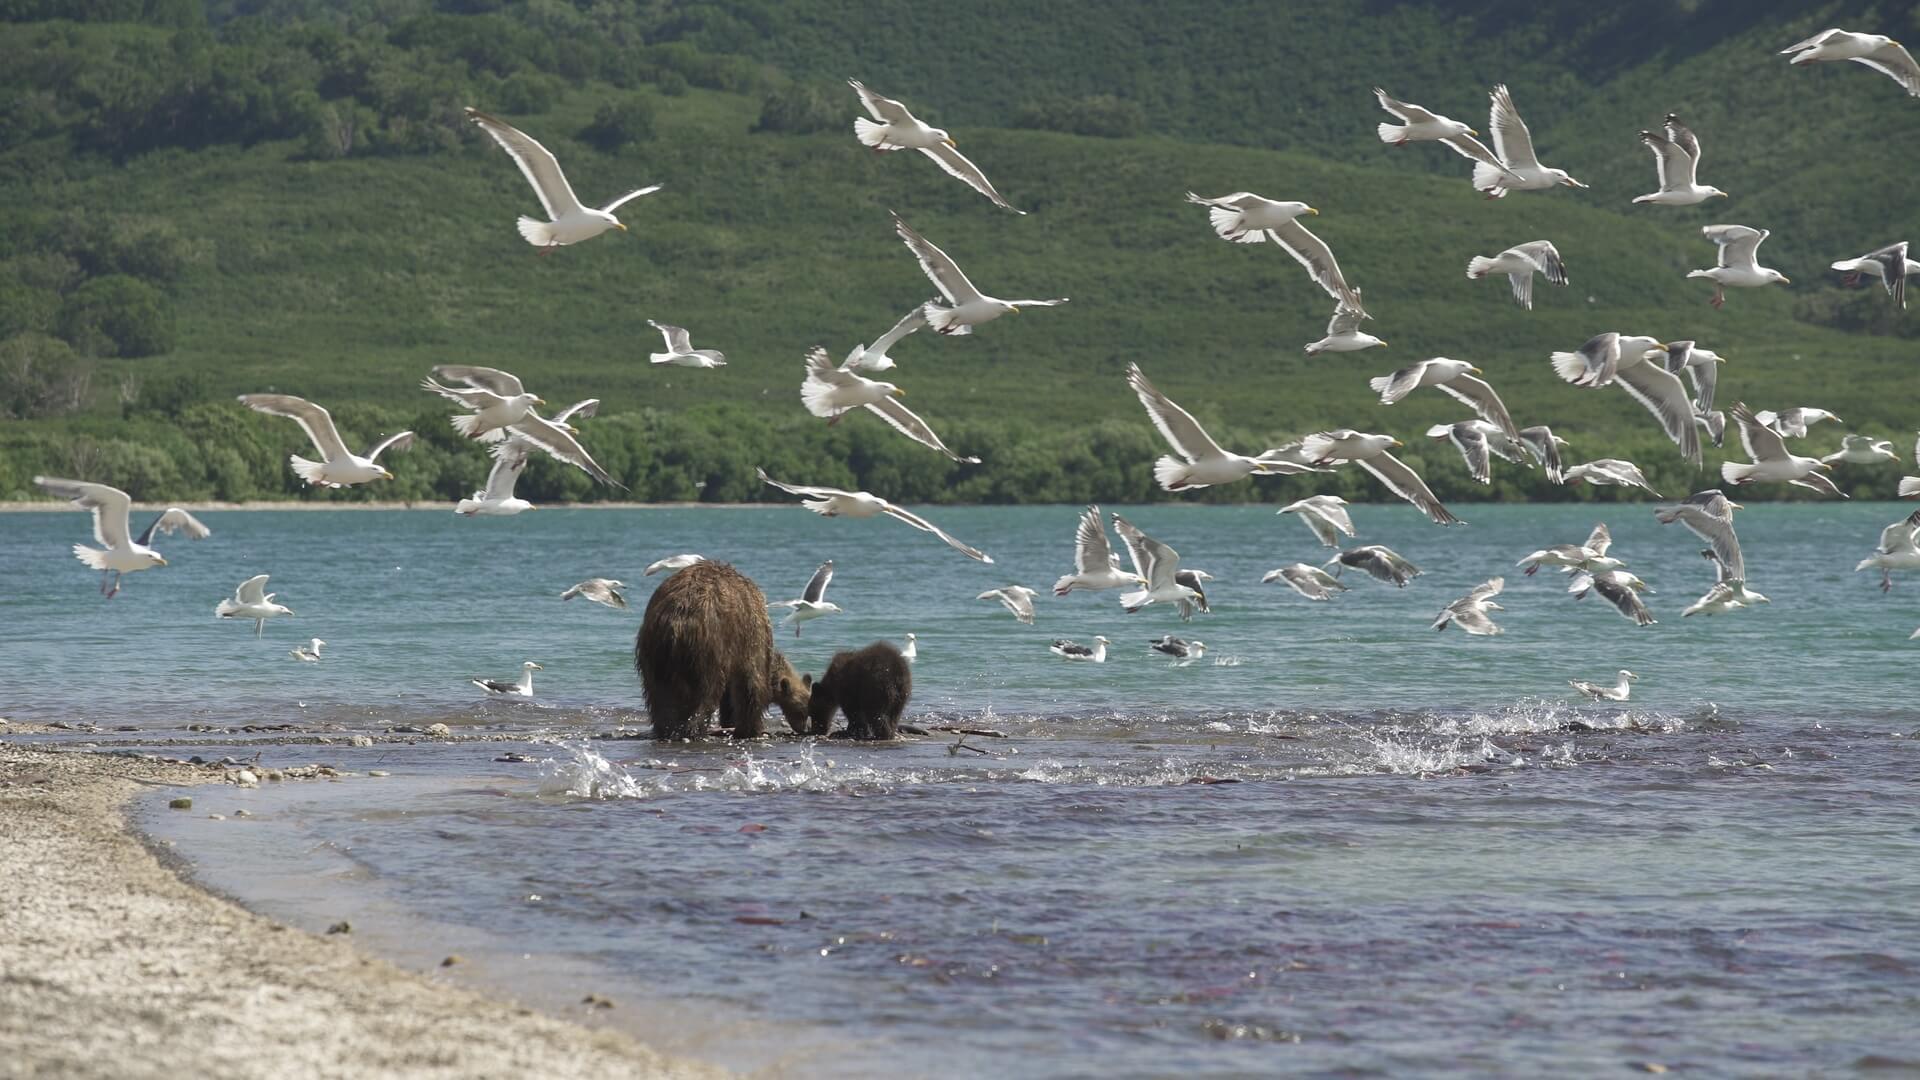 Kamchatka Bears. Life Begins